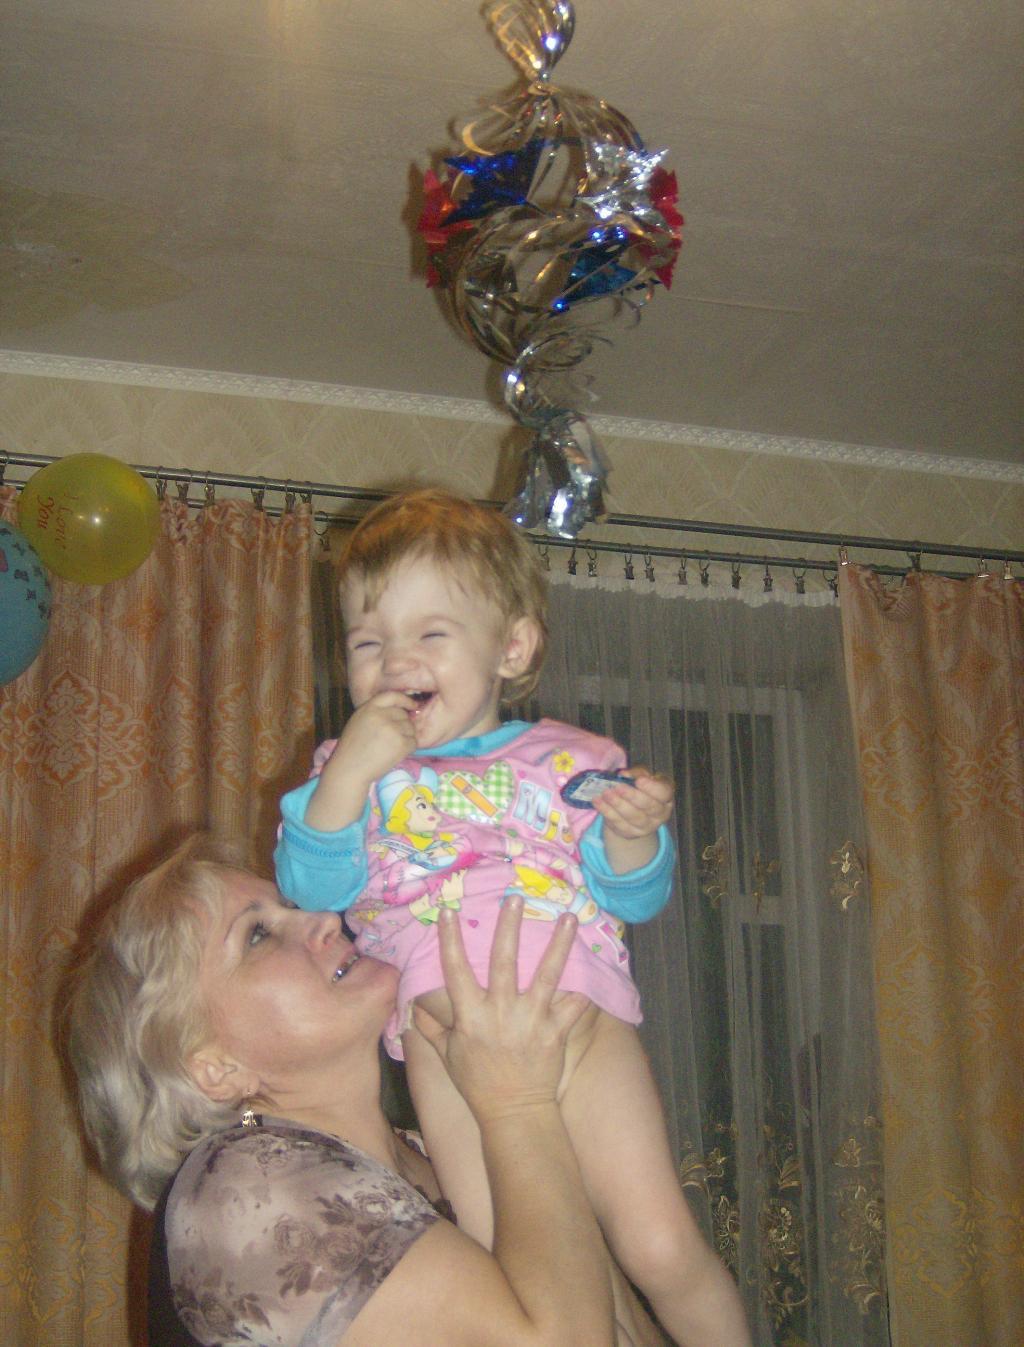 Евгения с бабушкой справляют новый год!. Стар и мал